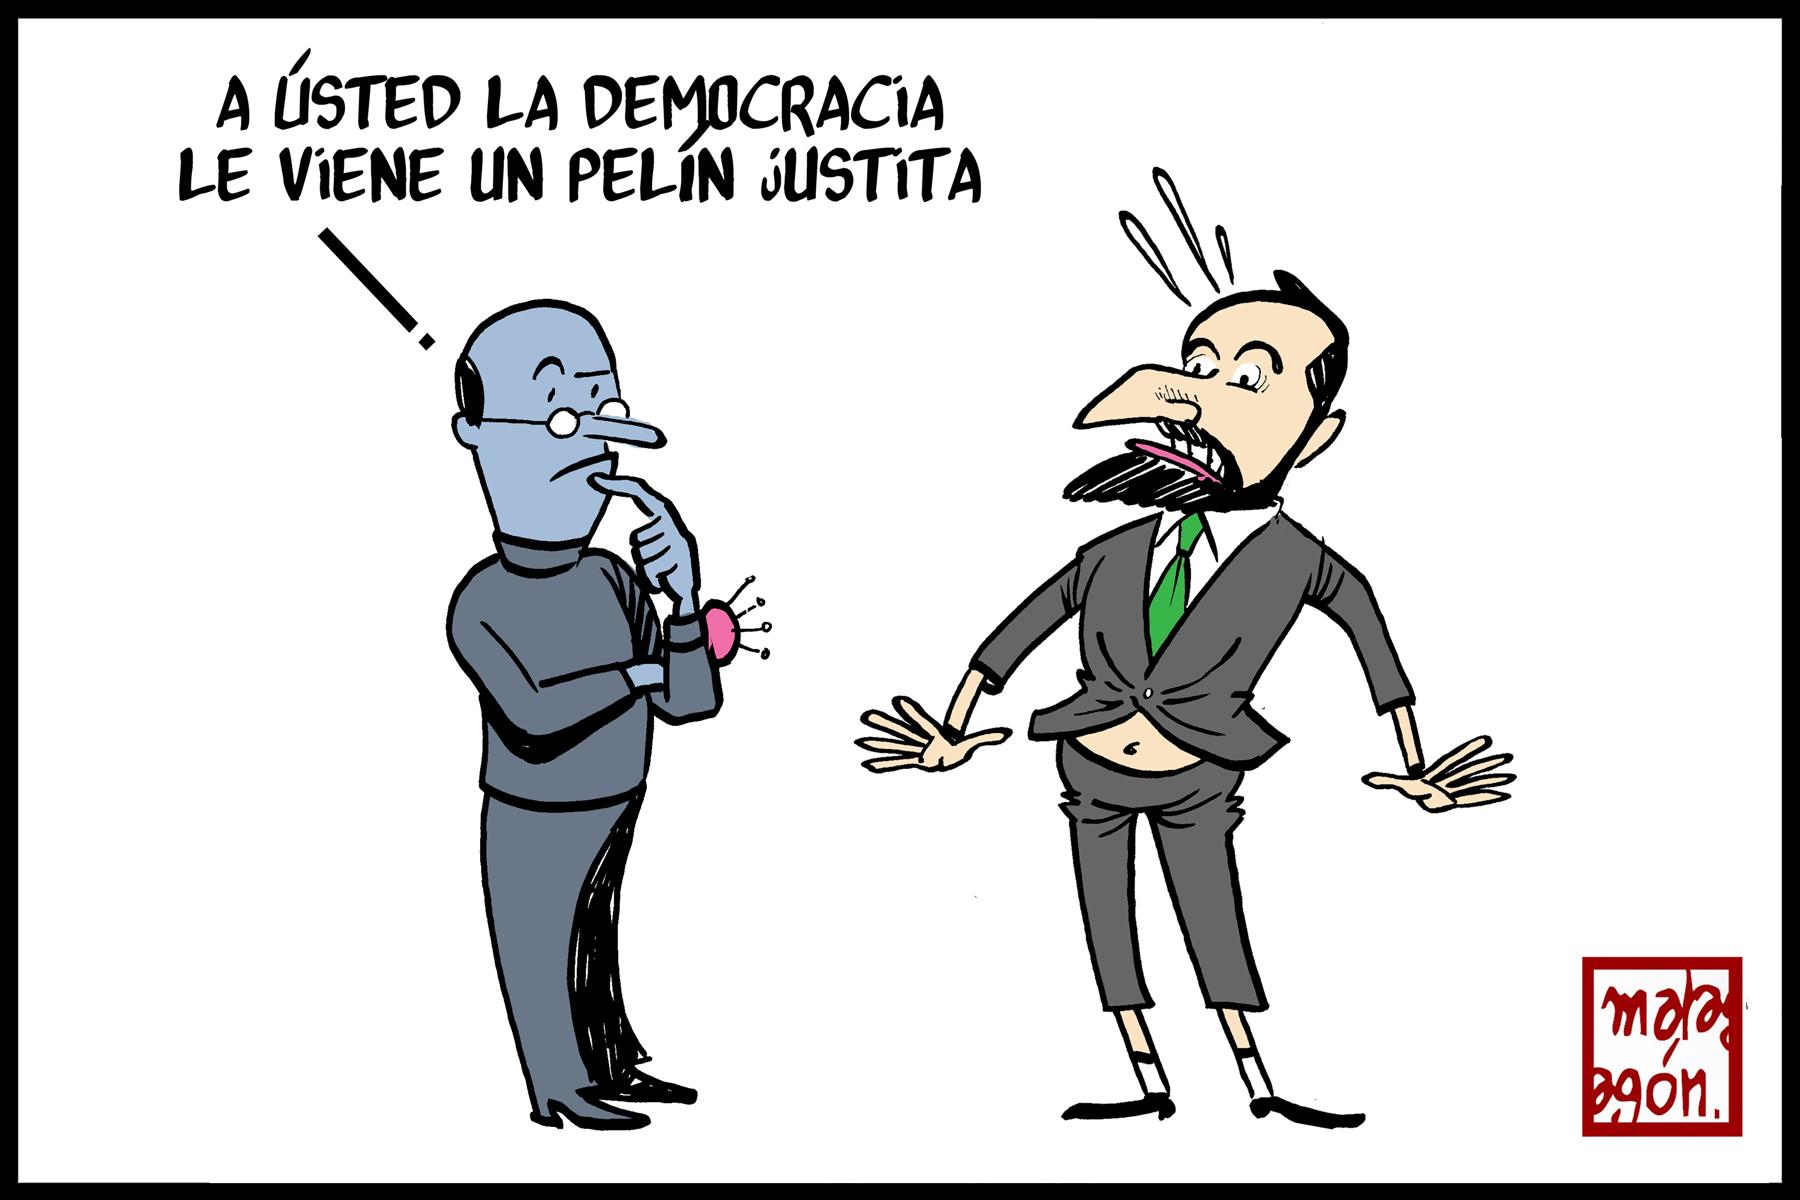 <p>Justito de democracia.</p>